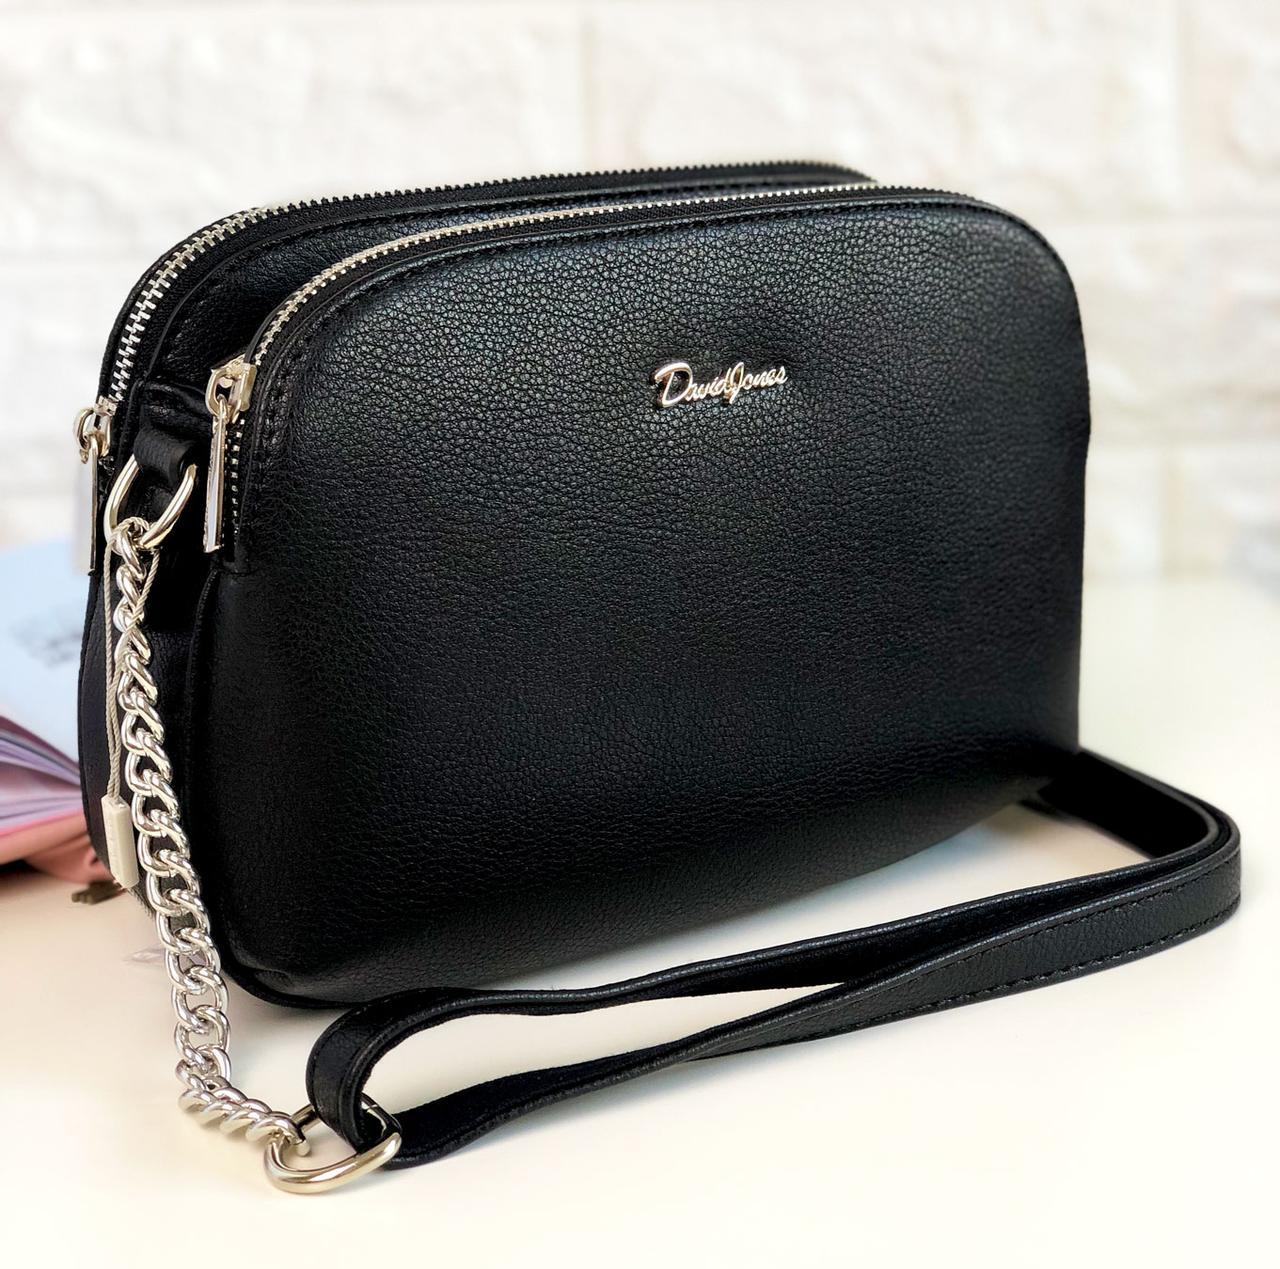 Женская сумка David Jones 6200 Черная